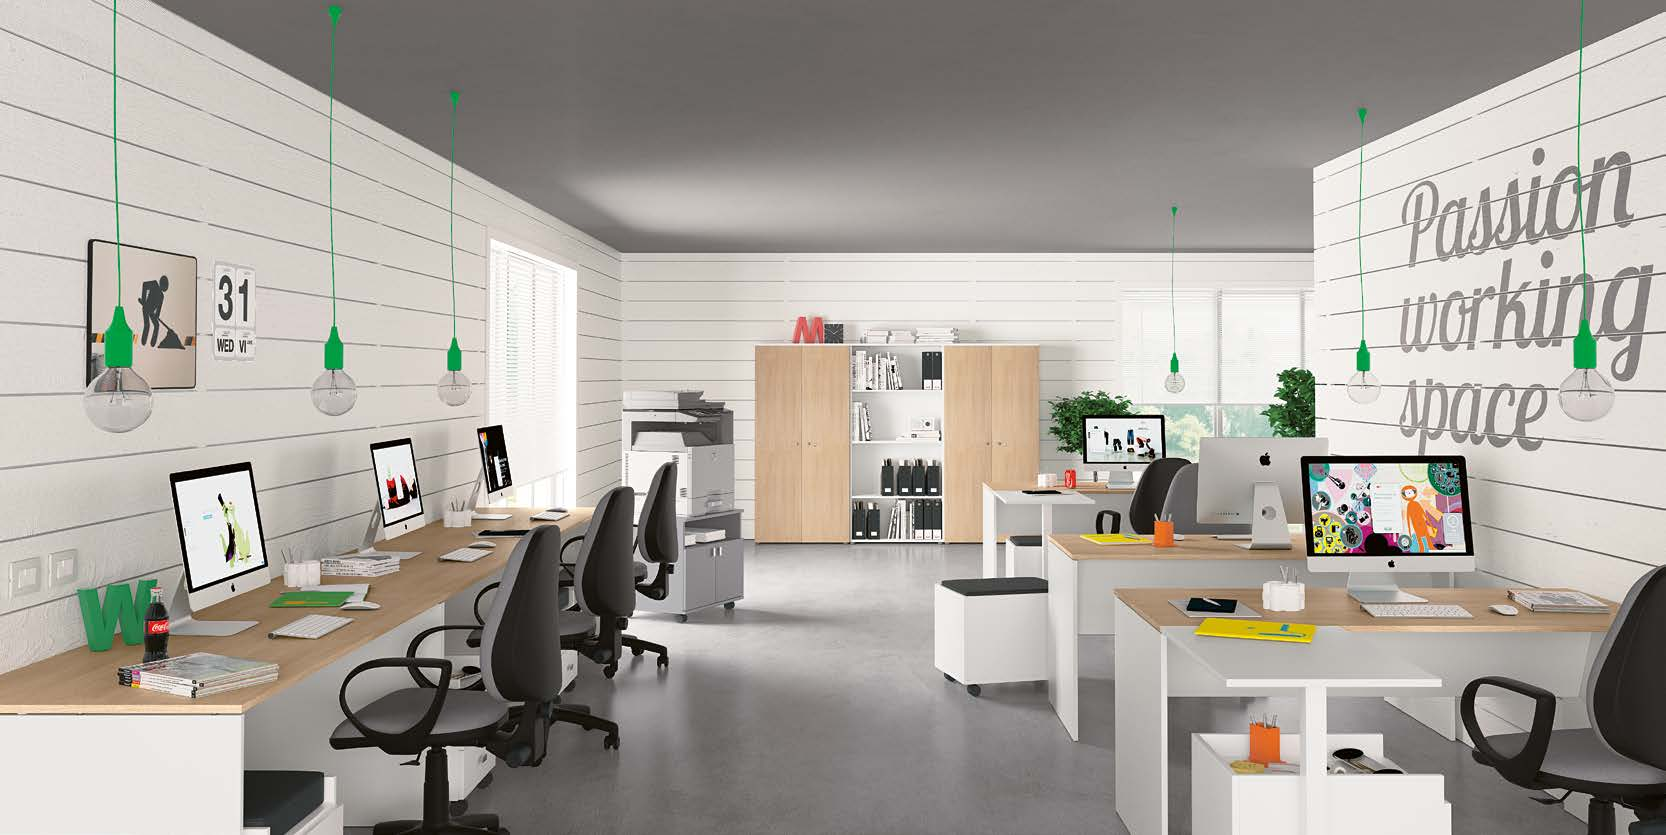 Mobili Per Ufficio : Mobili per ufficio economici